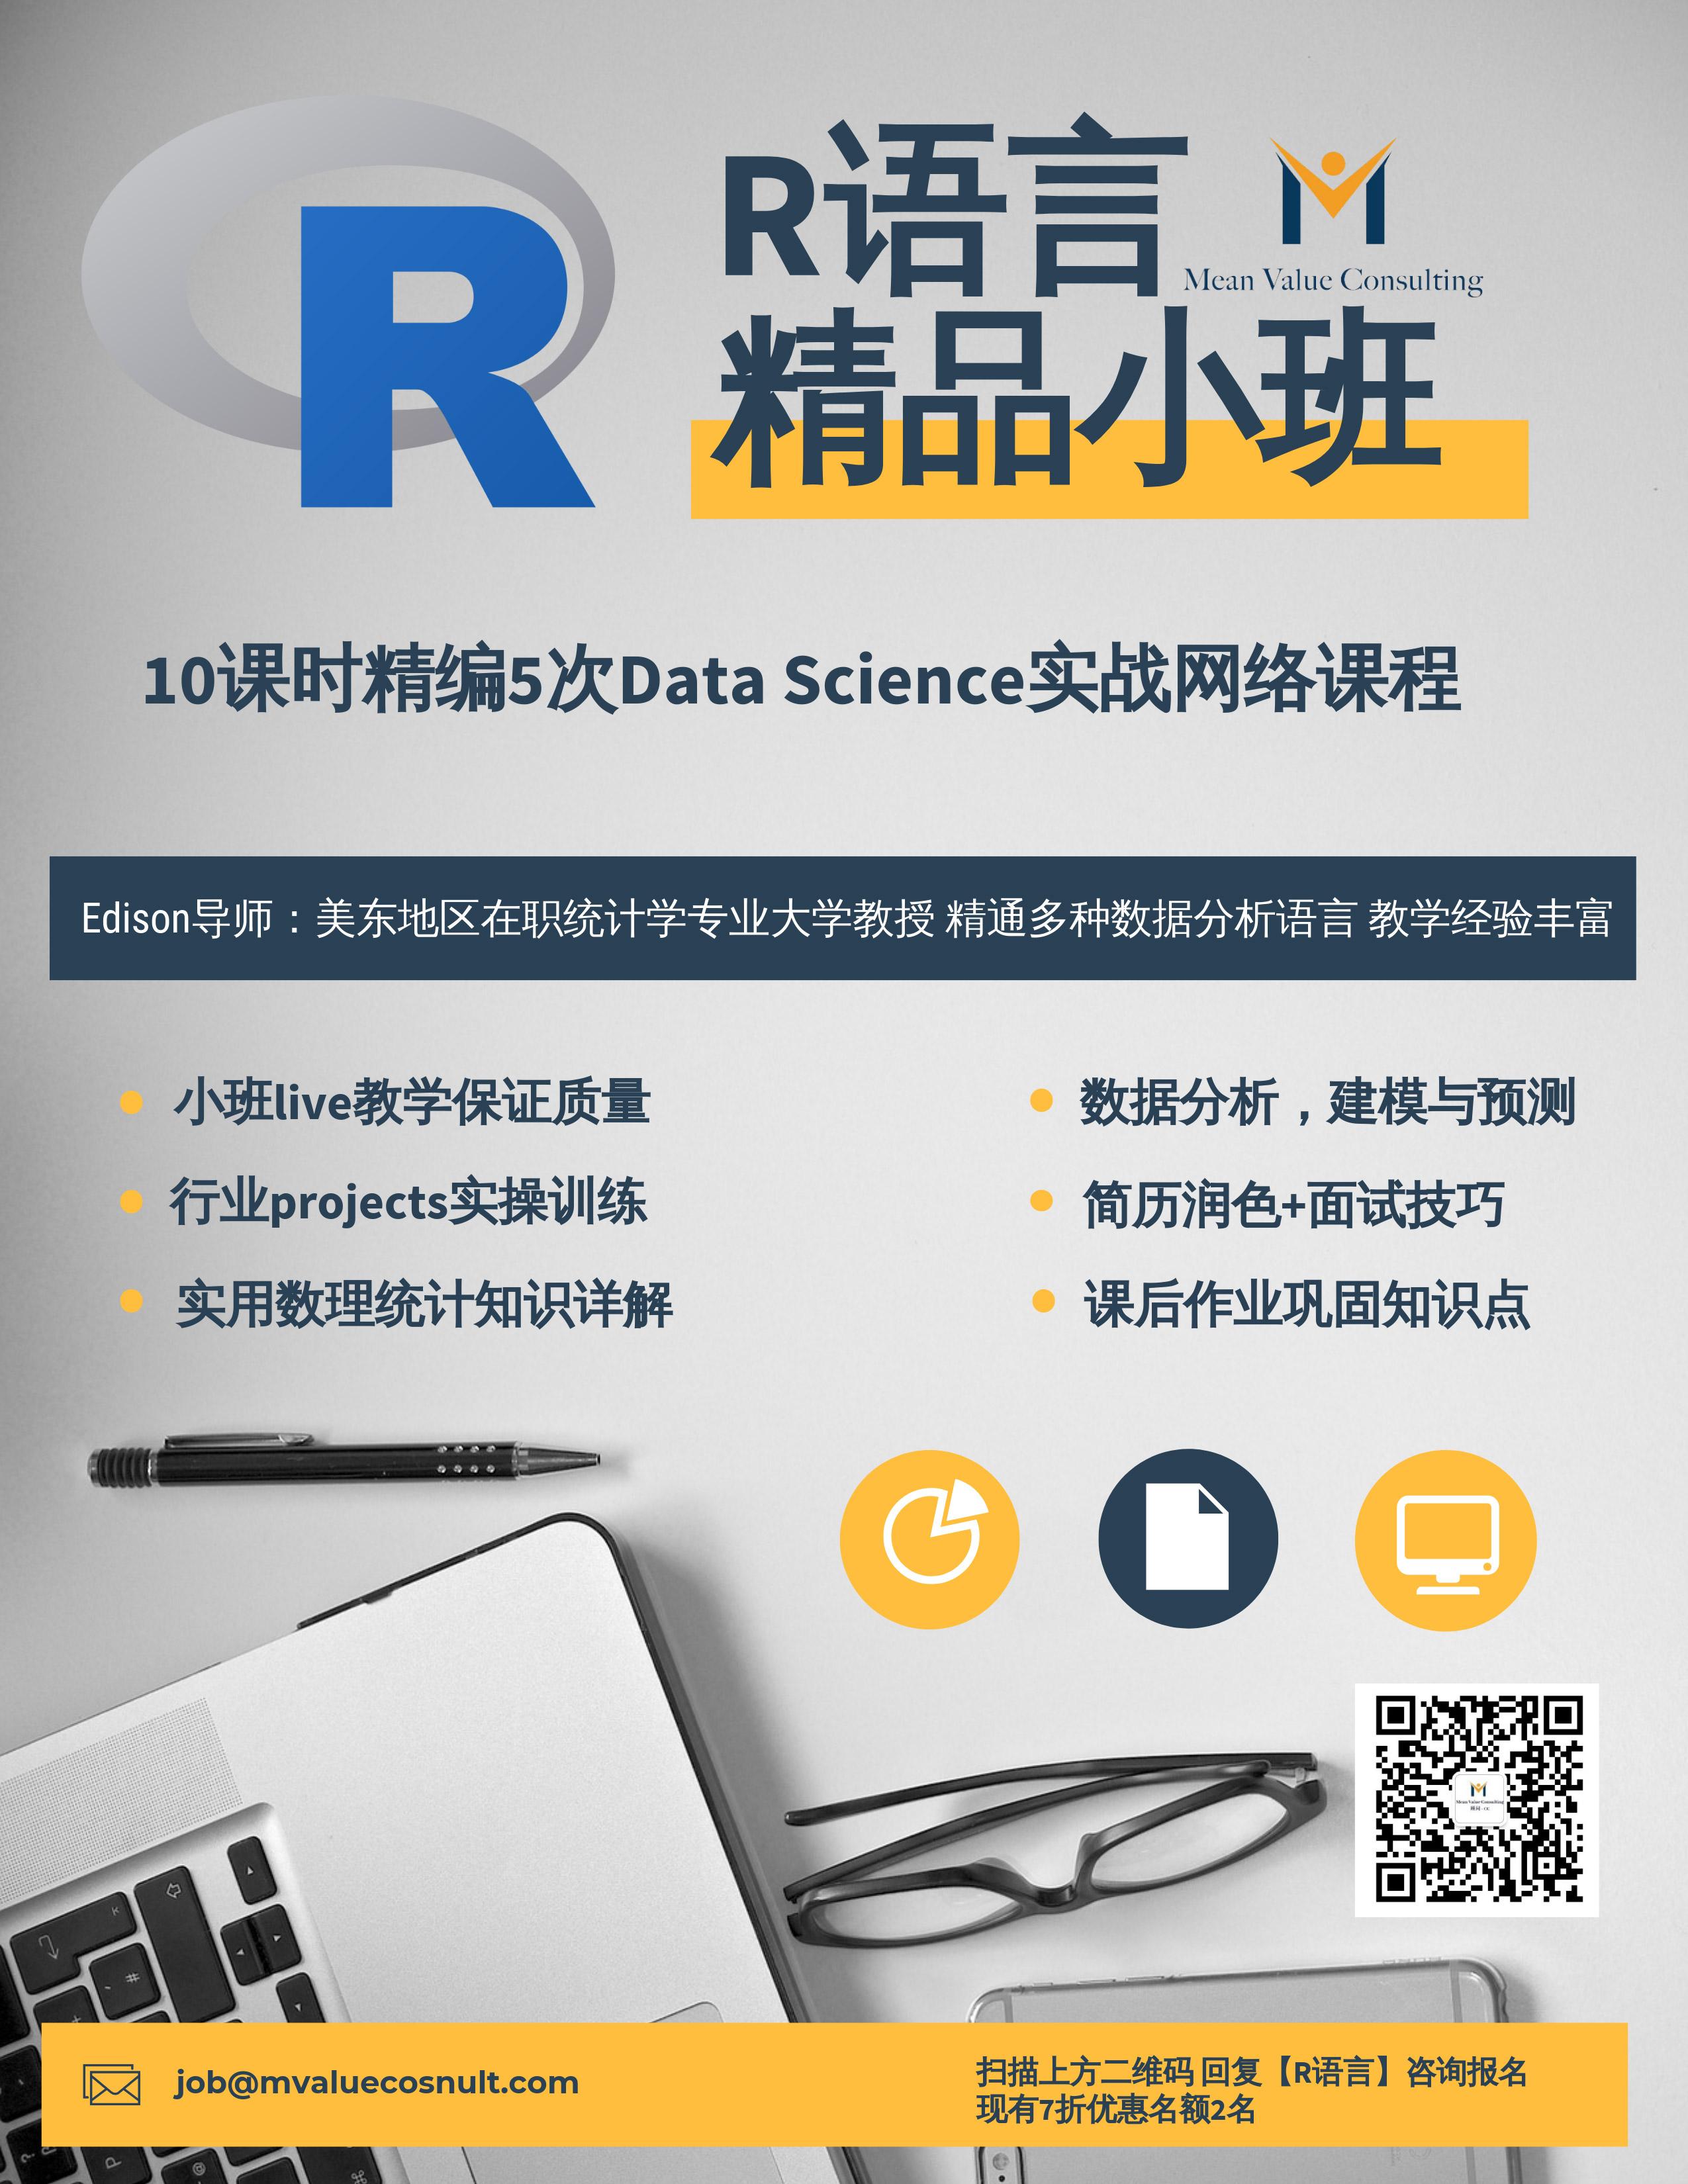 R语言新图.jpg